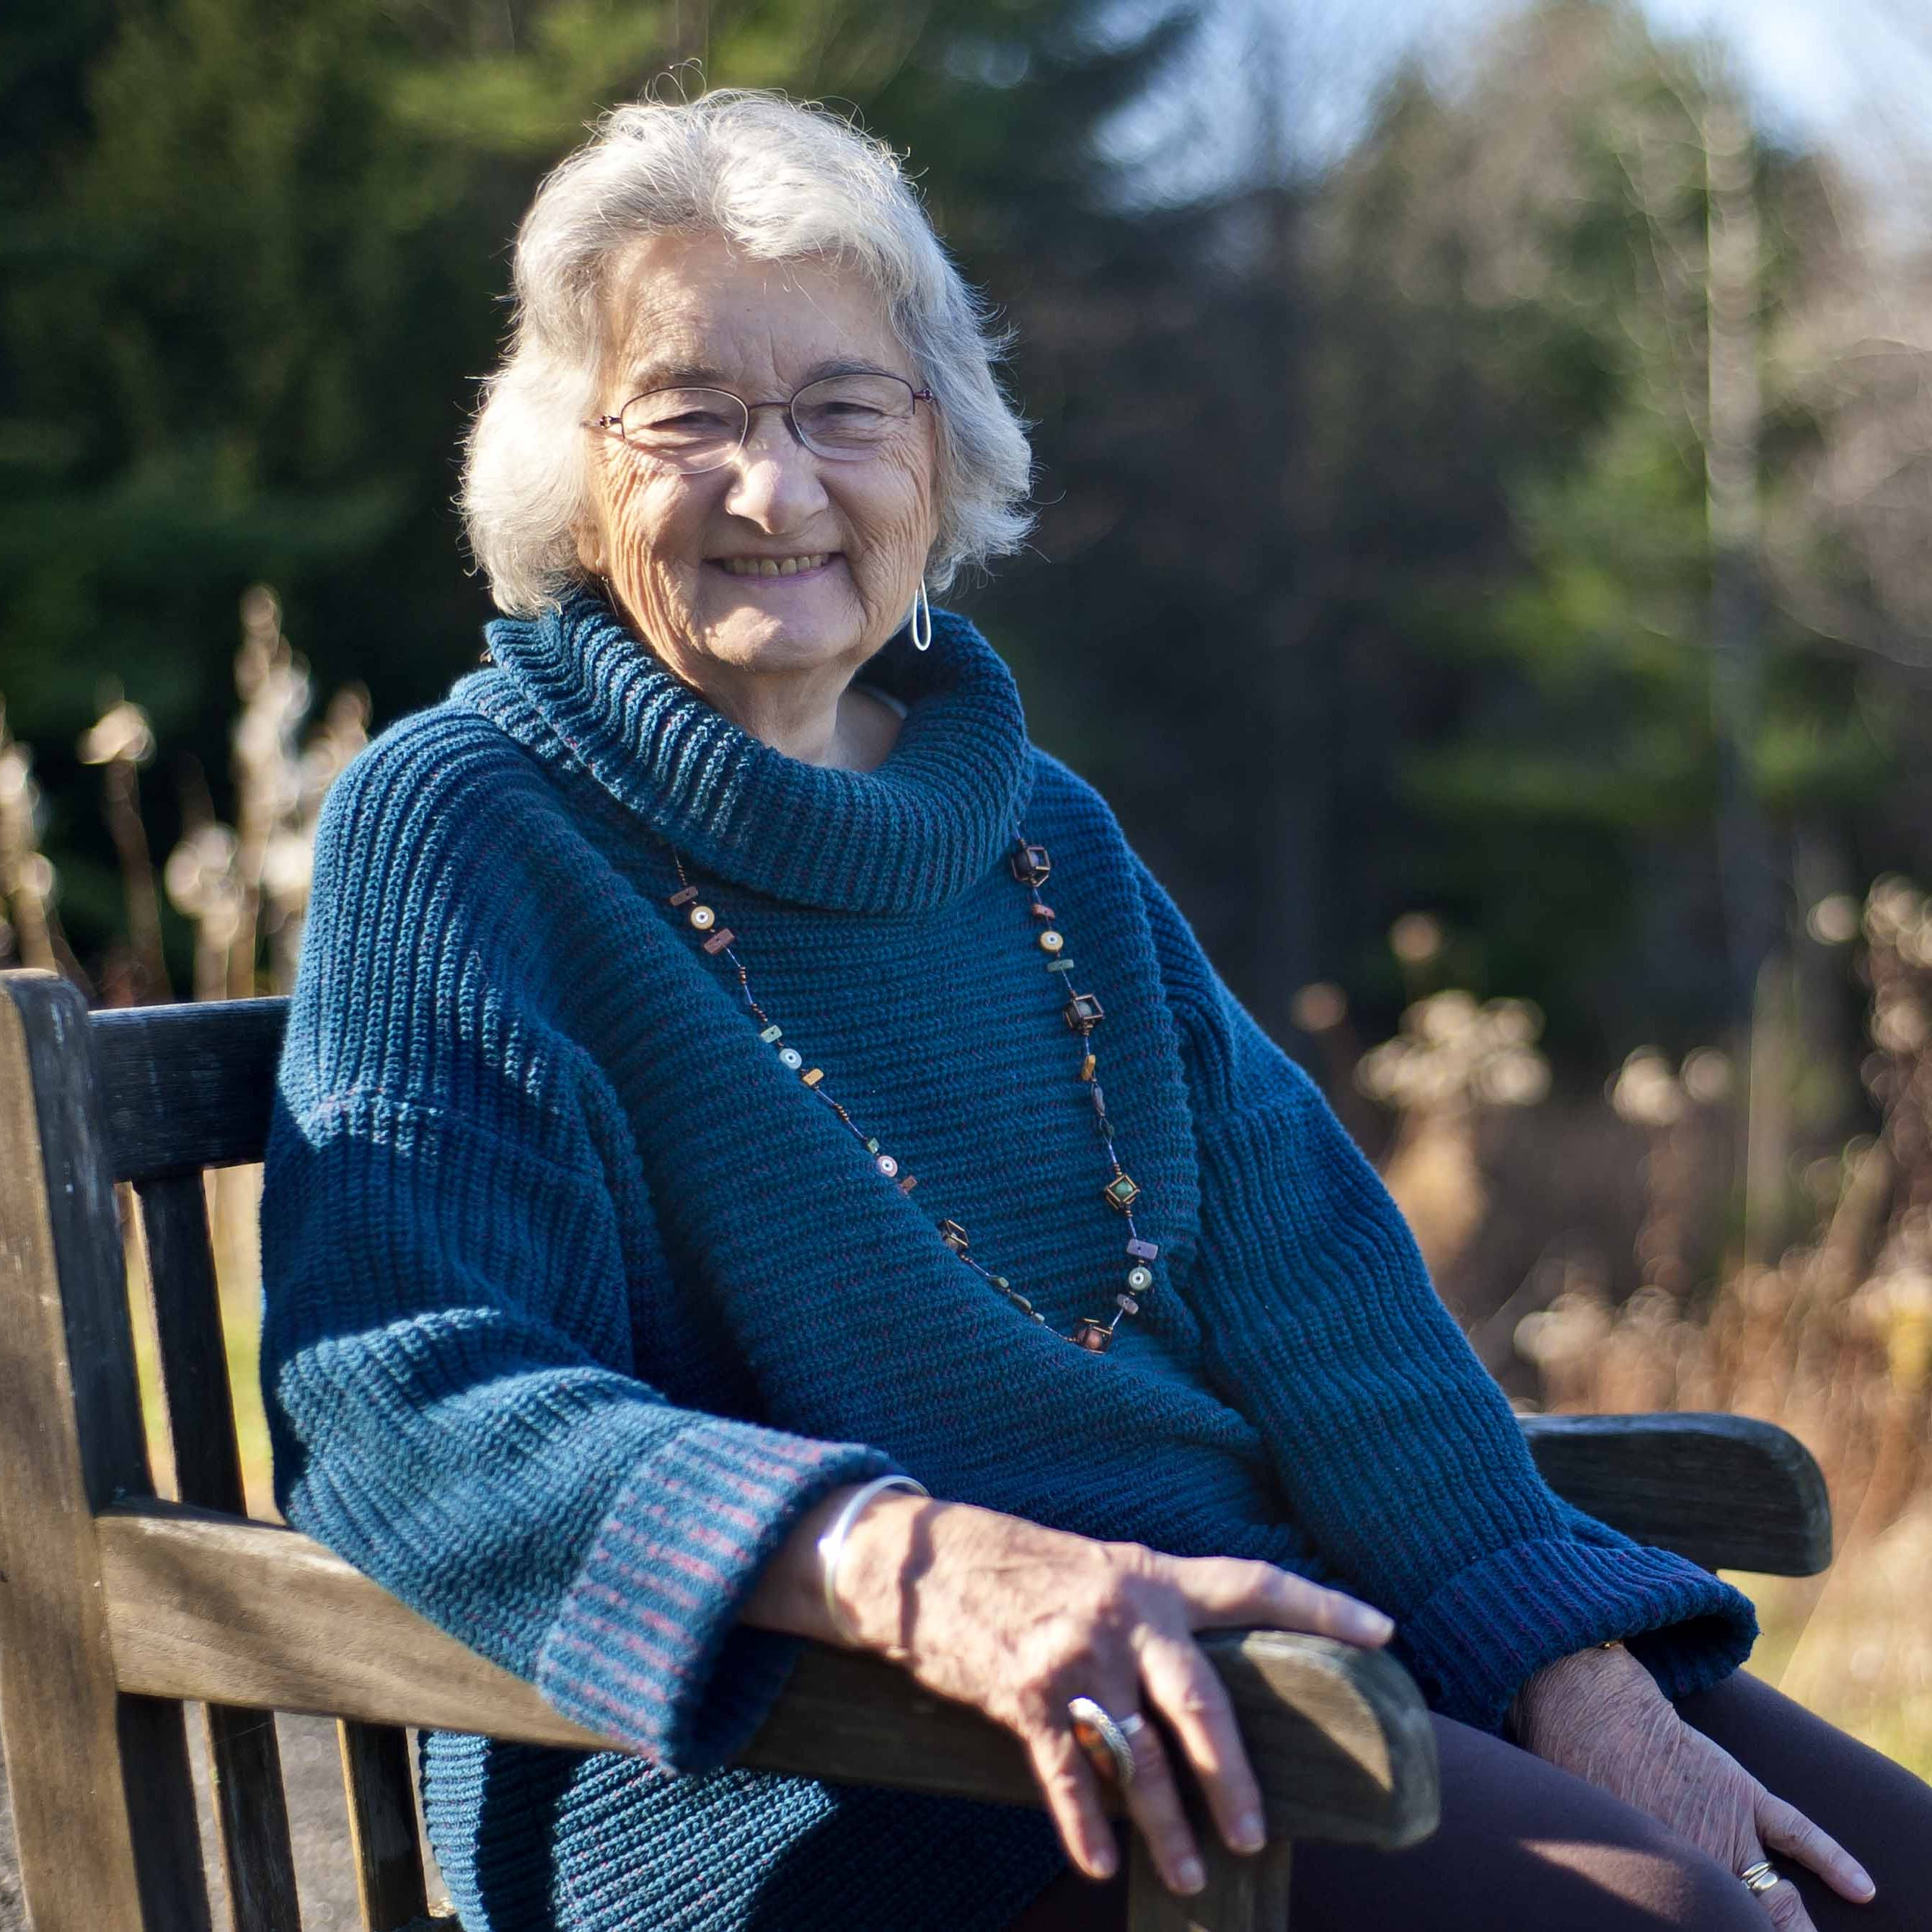 'Bridge to Terabithia' author Katherine Paterson wins E.B. White Award for literature